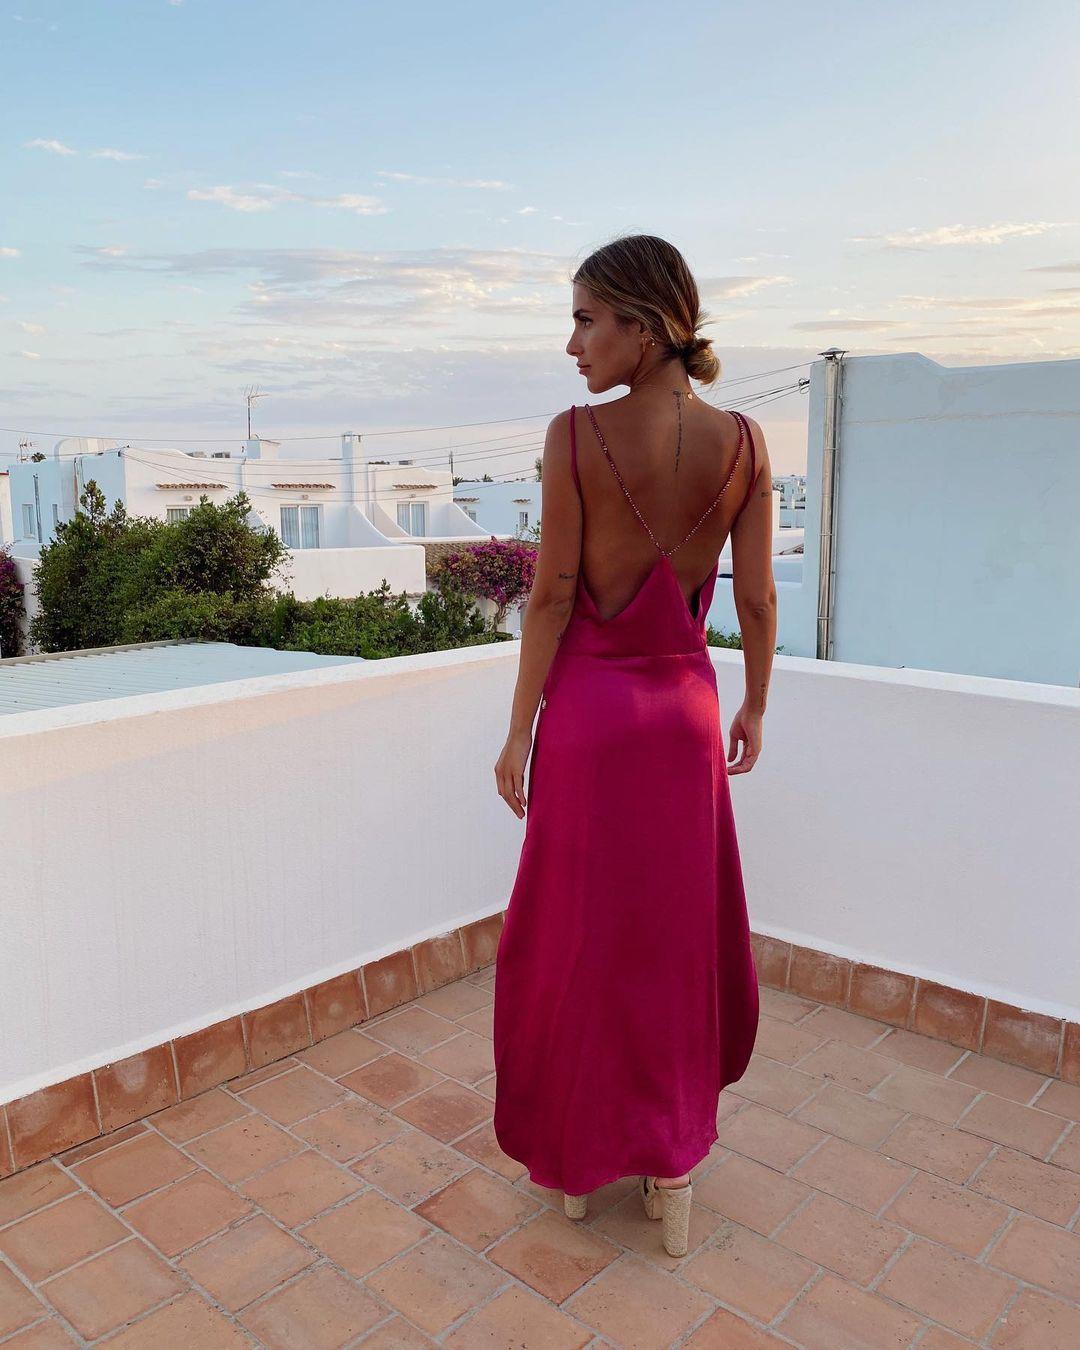 1612584562 772 echa un vistazo a las opciones para comprar y 30 - 40 modelos de vestidos rosas para un look que no pasa desapercibido